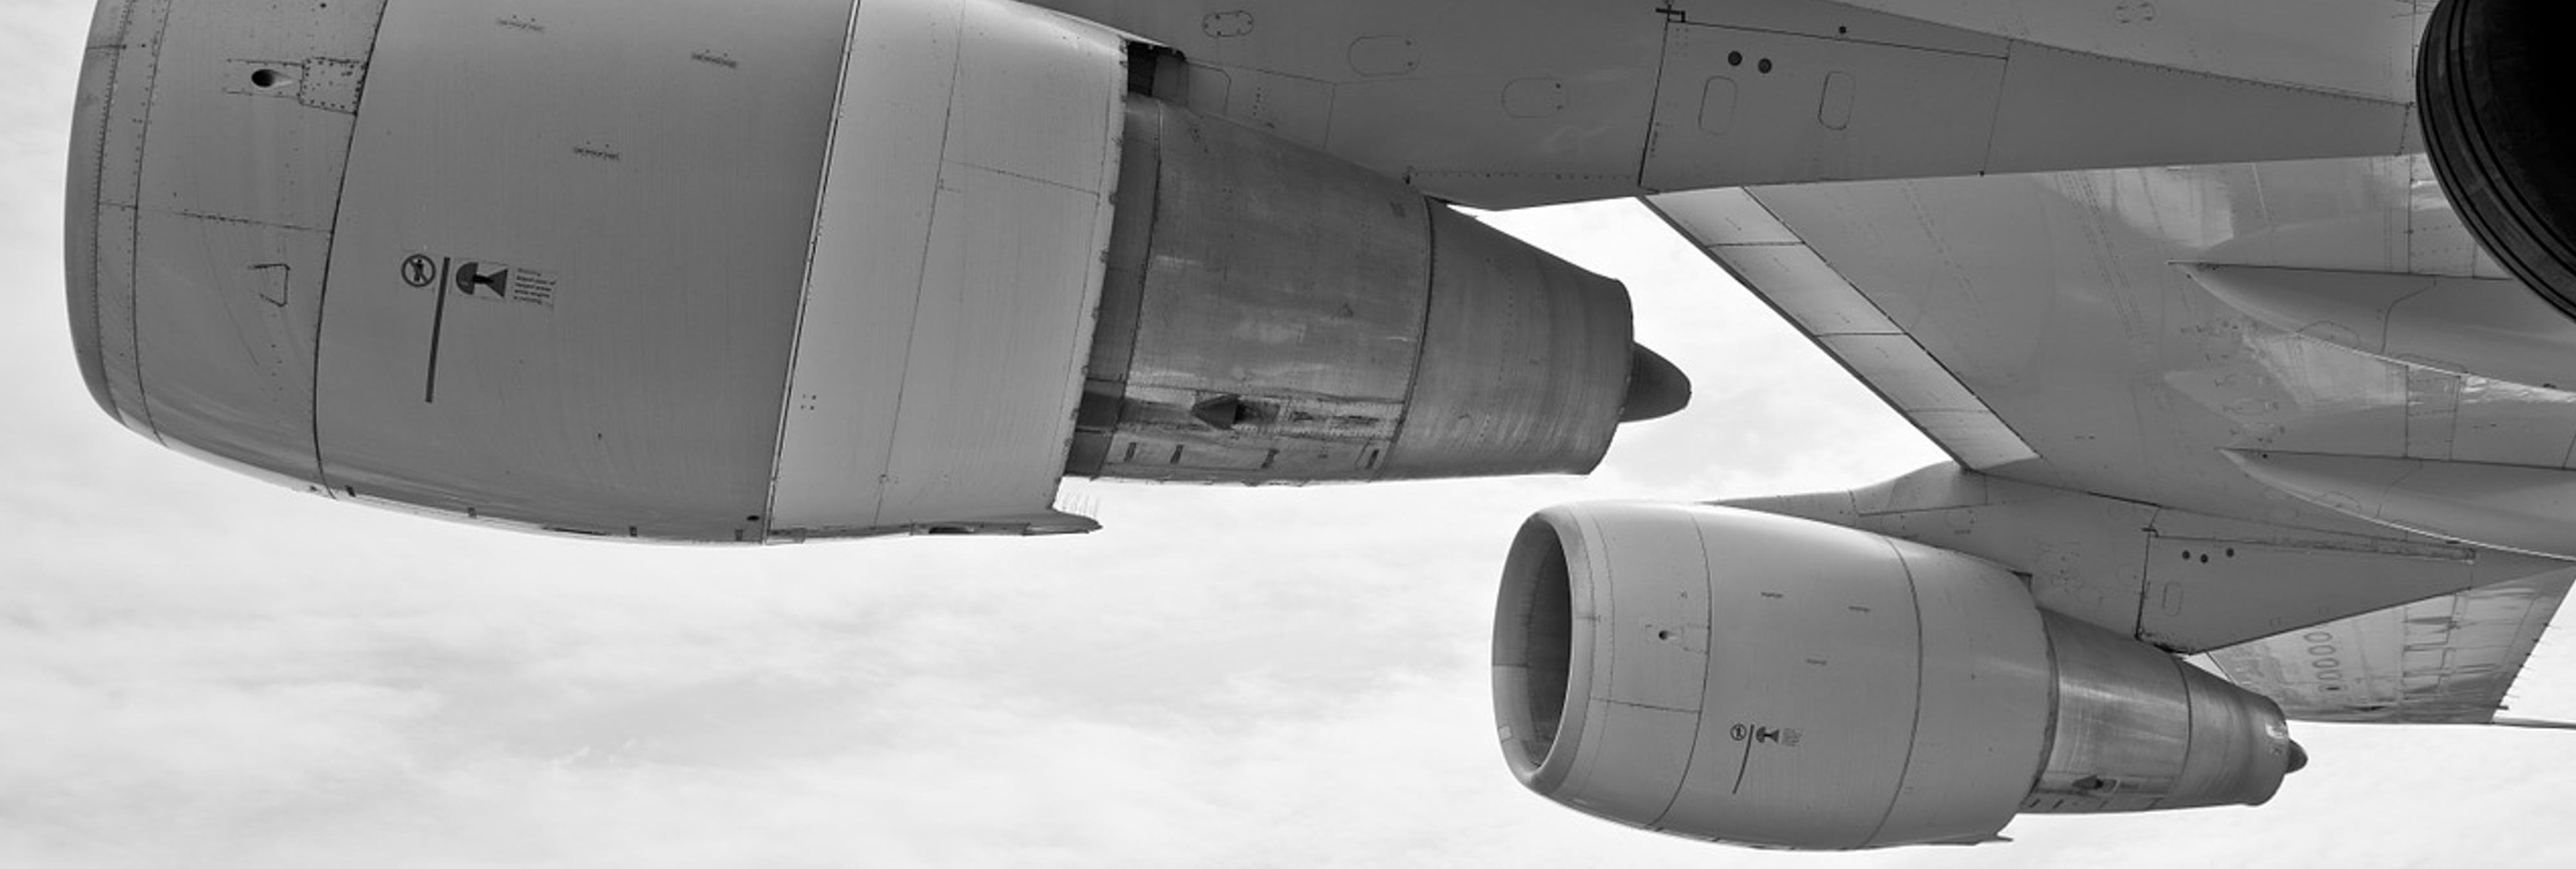 Según Ryanair, los vuelos podrían ser gratis dentro de 10 años